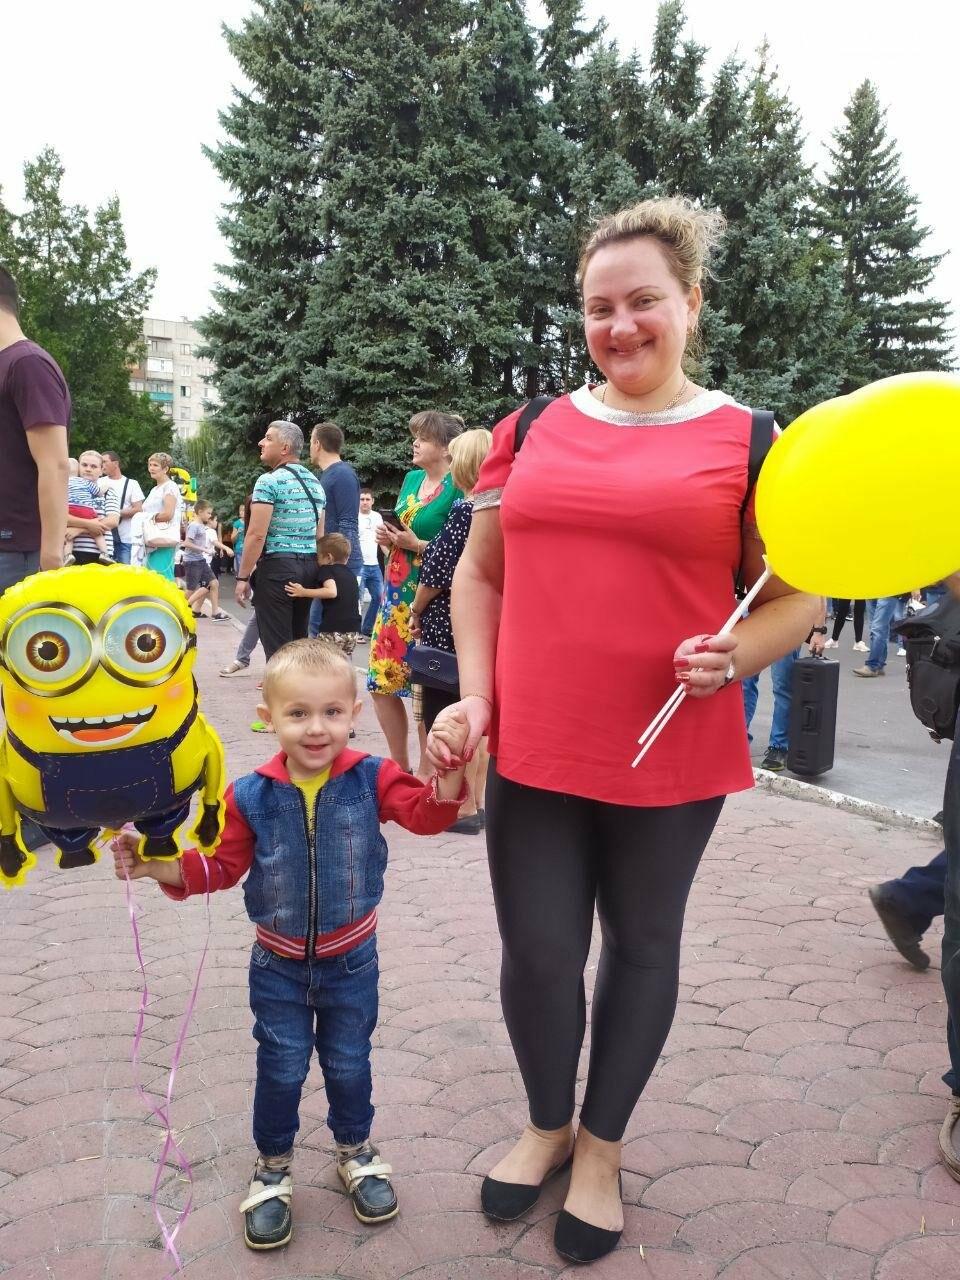 Авдеевка ярко отпраздновала День города (ФОТОРЕПОРТАЖ), фото-13